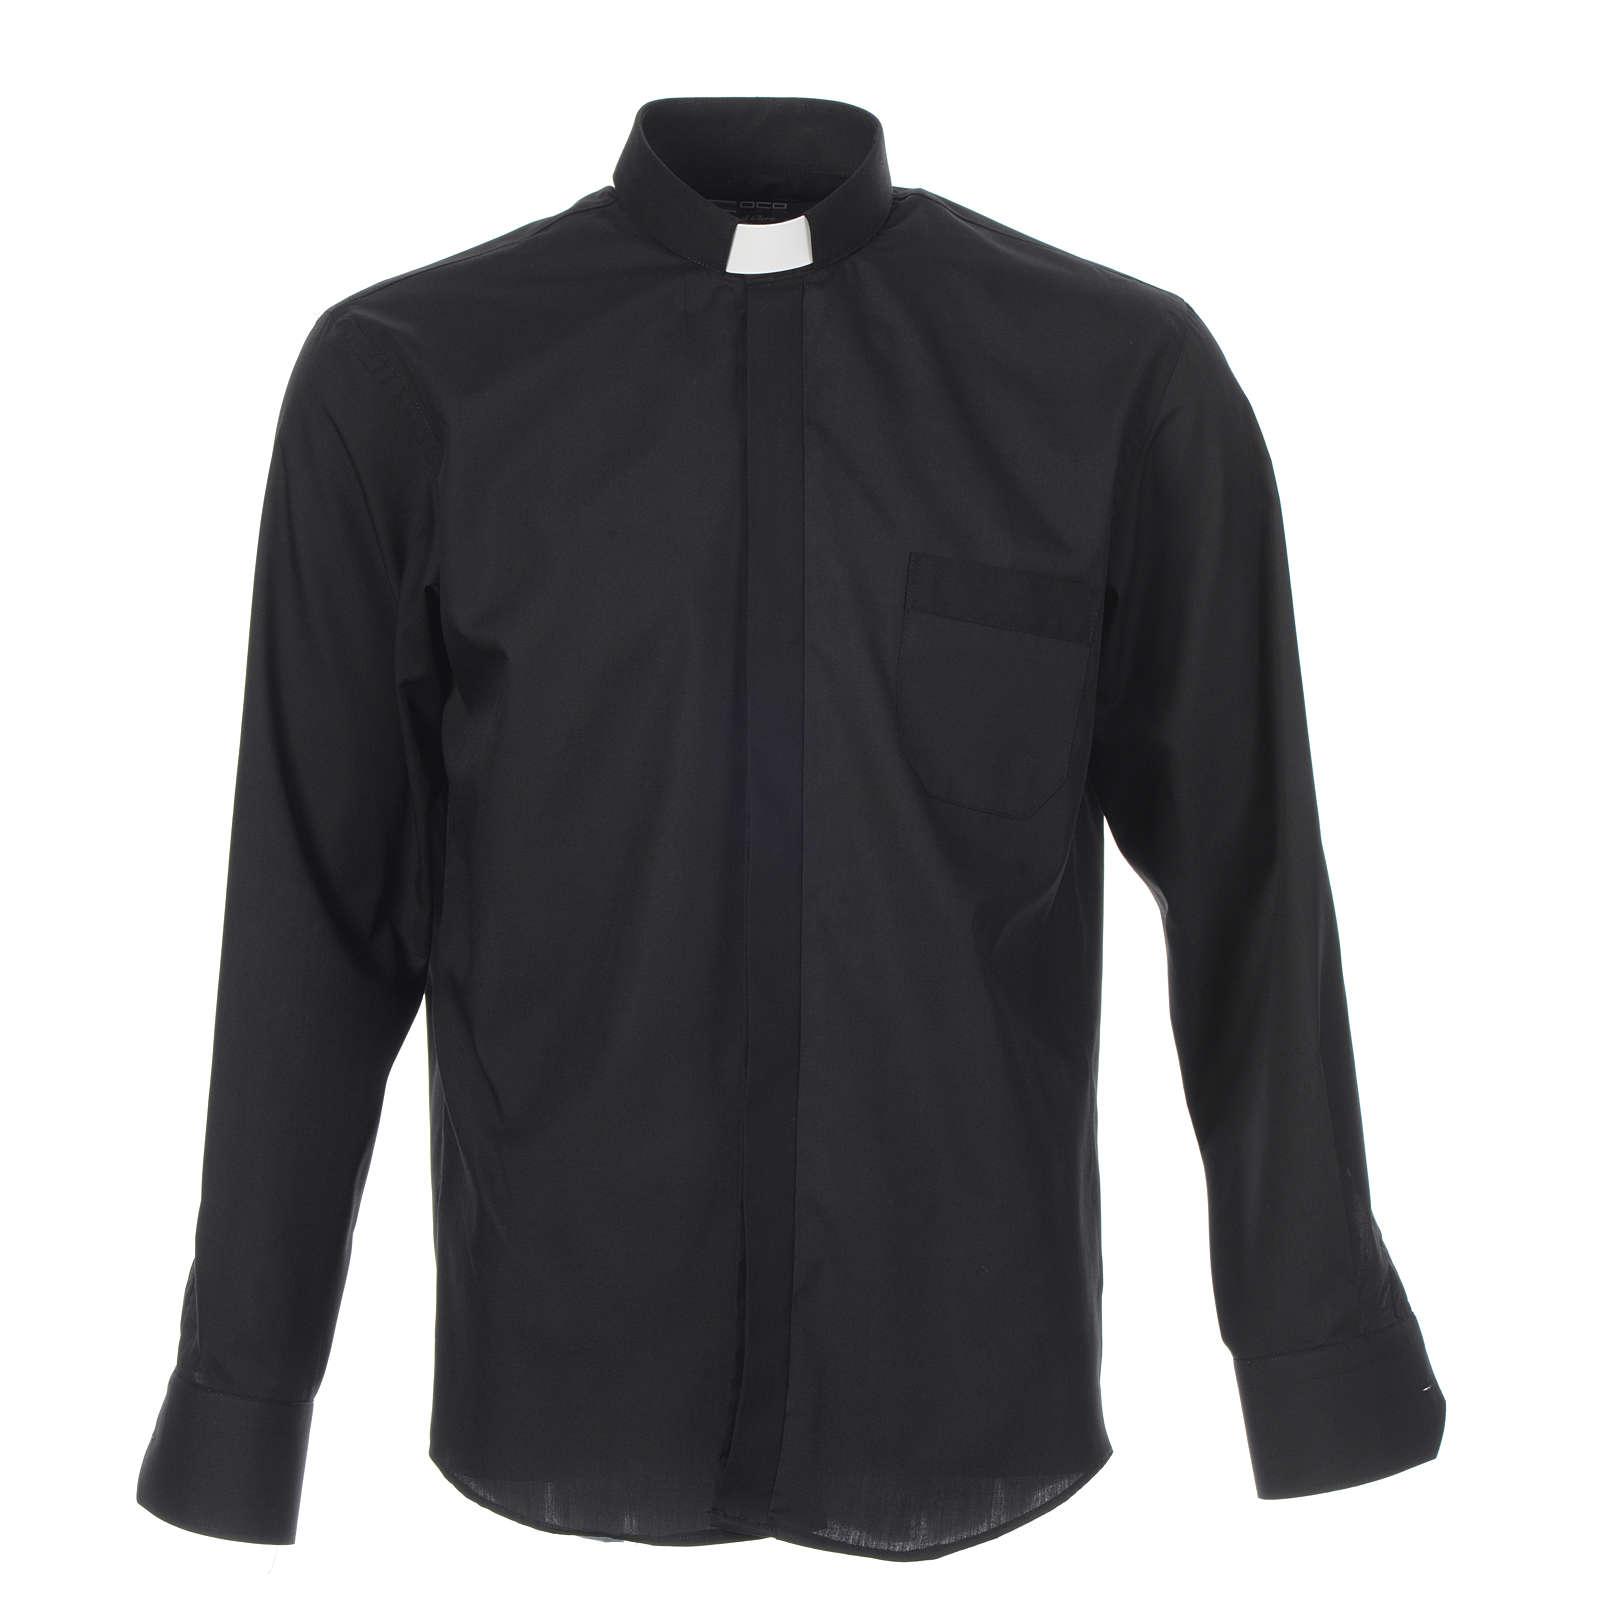 Camisa clergy sacerdote diagonal negro manga larga 4